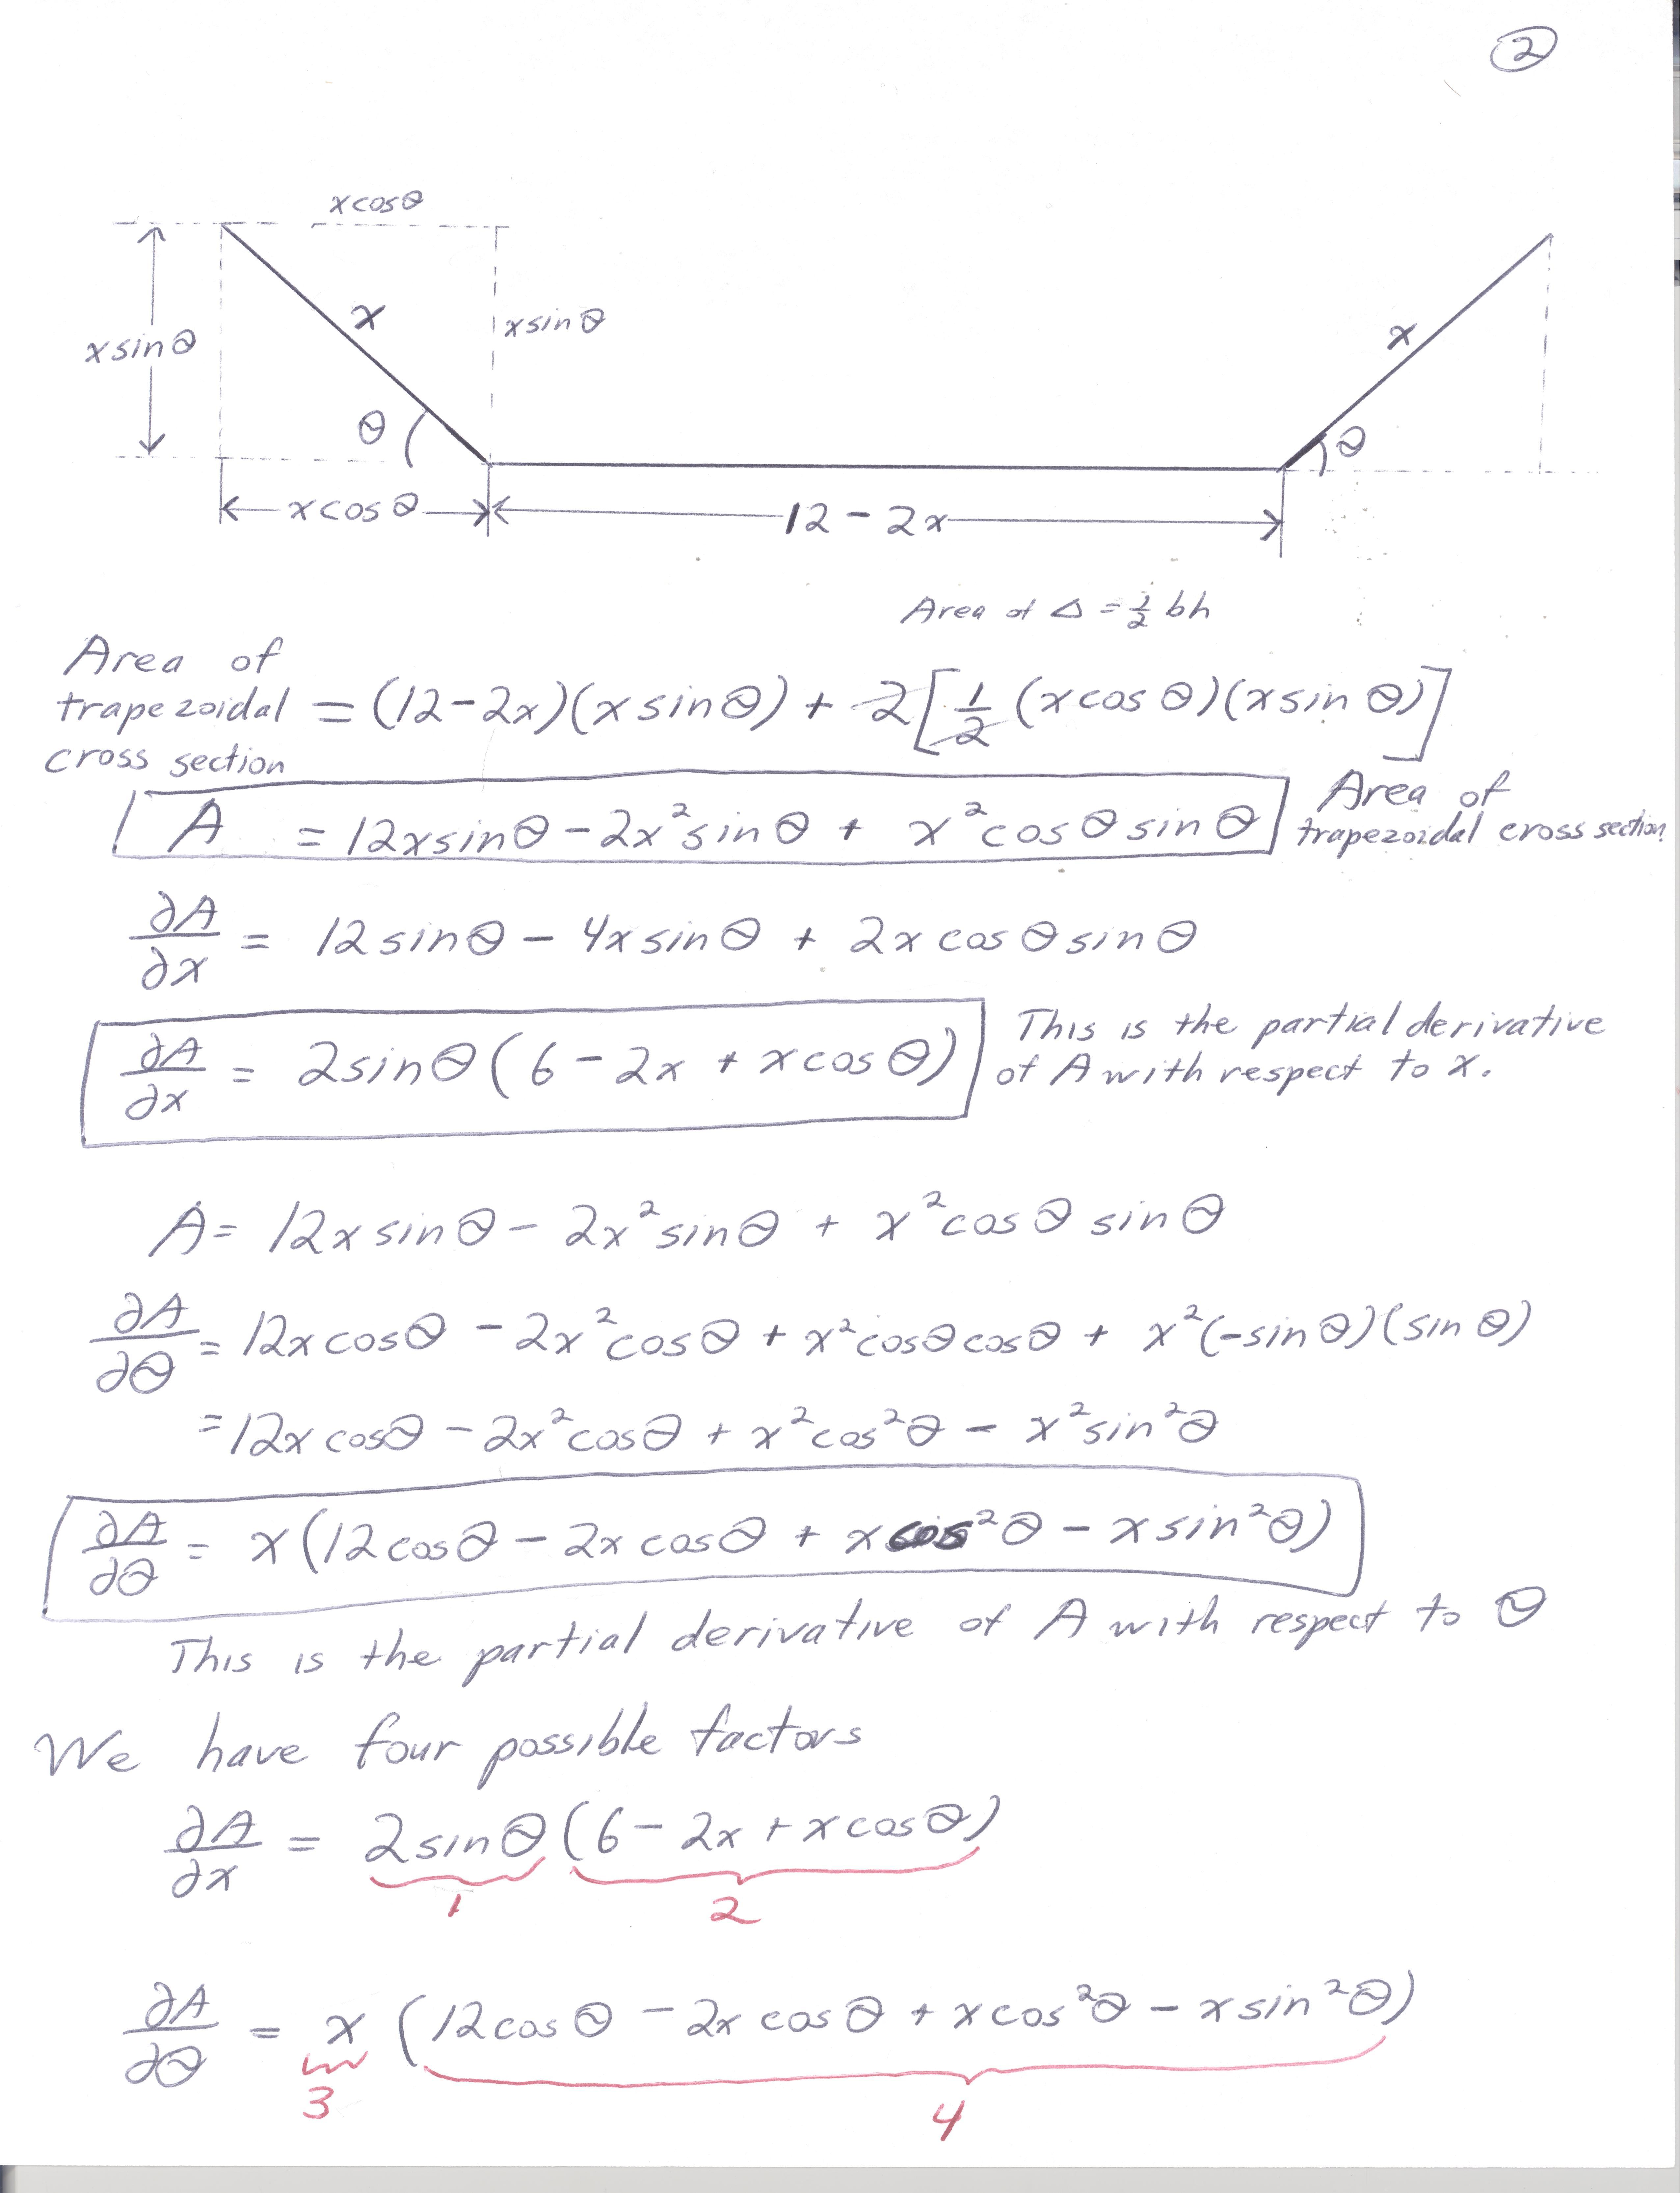 Max Min Solve Using Partial Derivatives Grammar